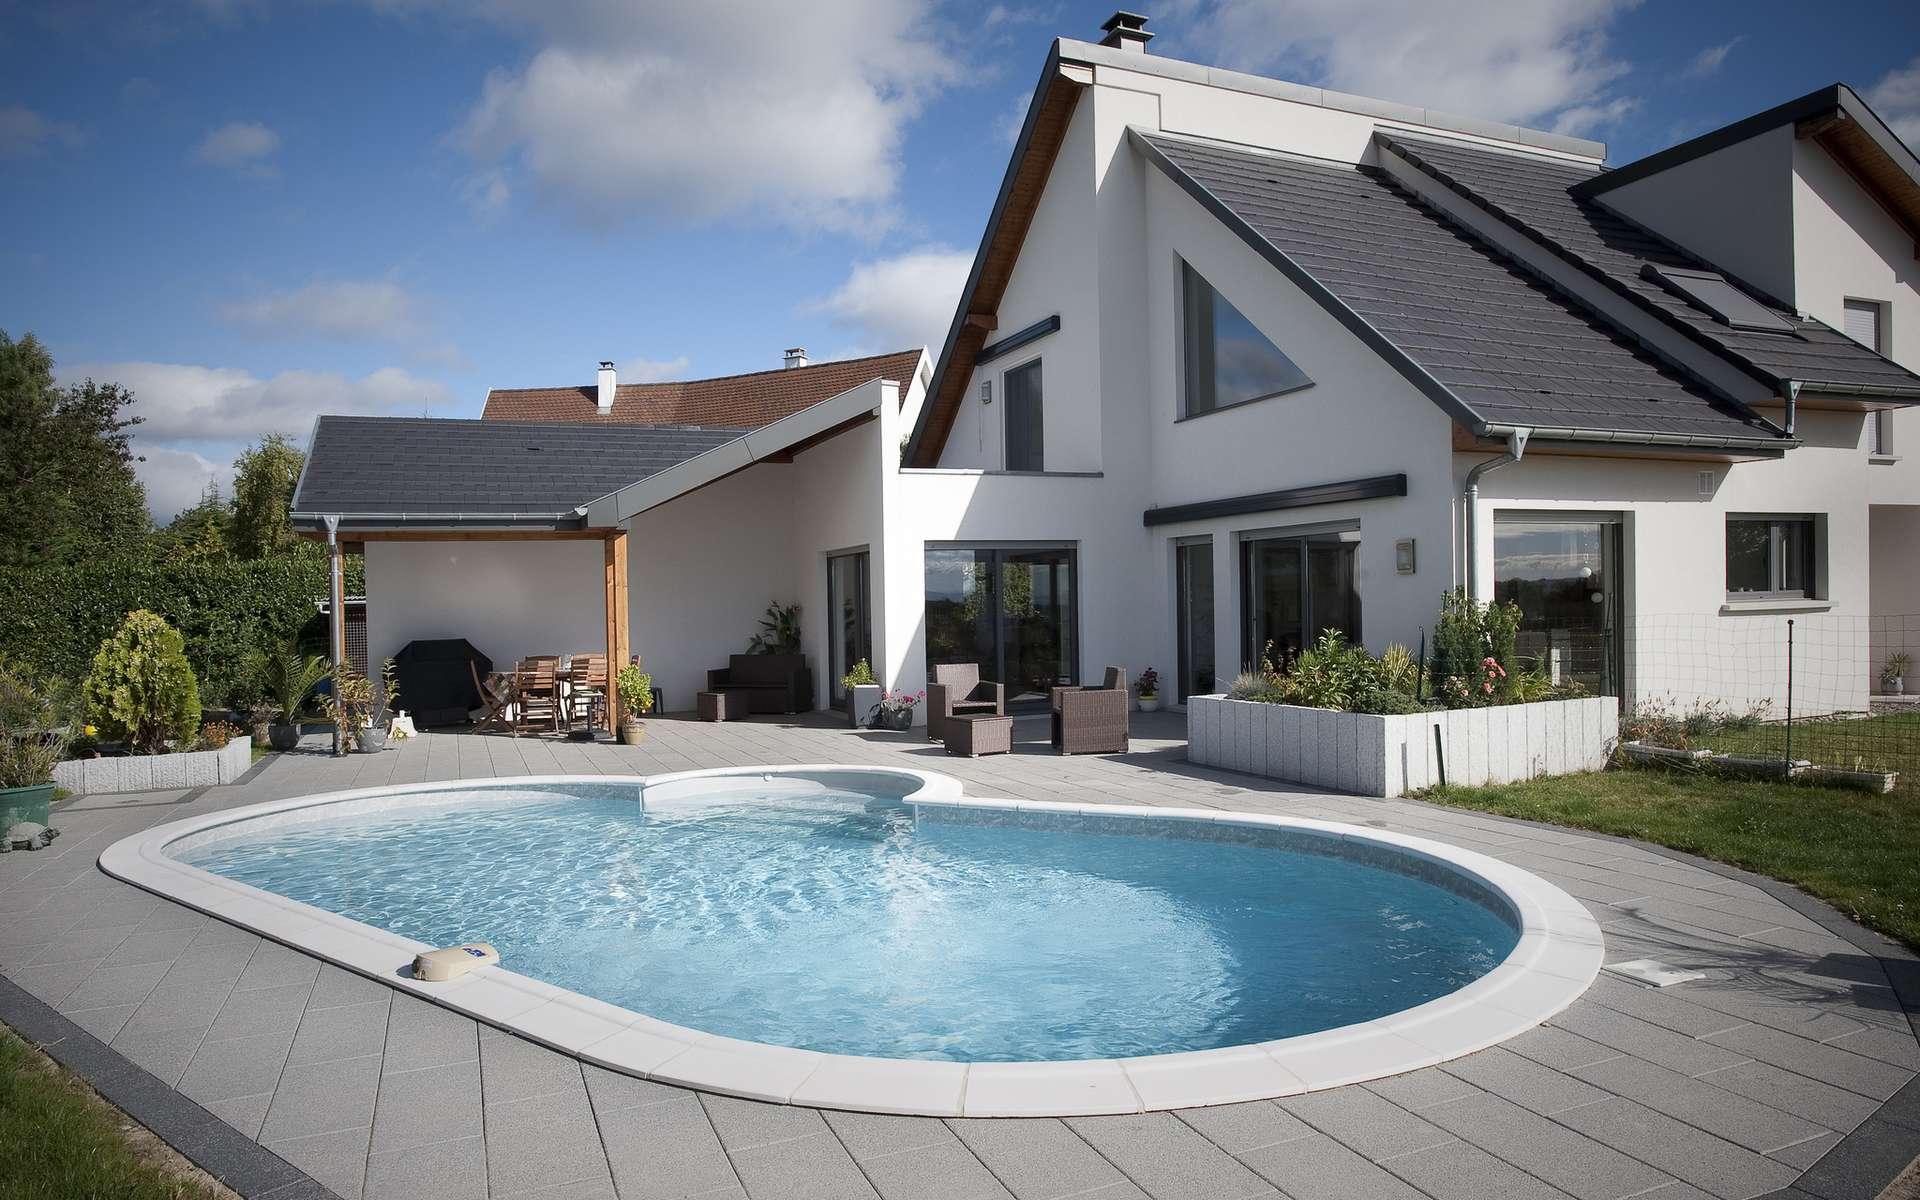 Le dallage d'une piscine implique un calcul minutieux de la surface et des angles. © Piscines Waterair, Wikimedia Commons, CC BY 2.0